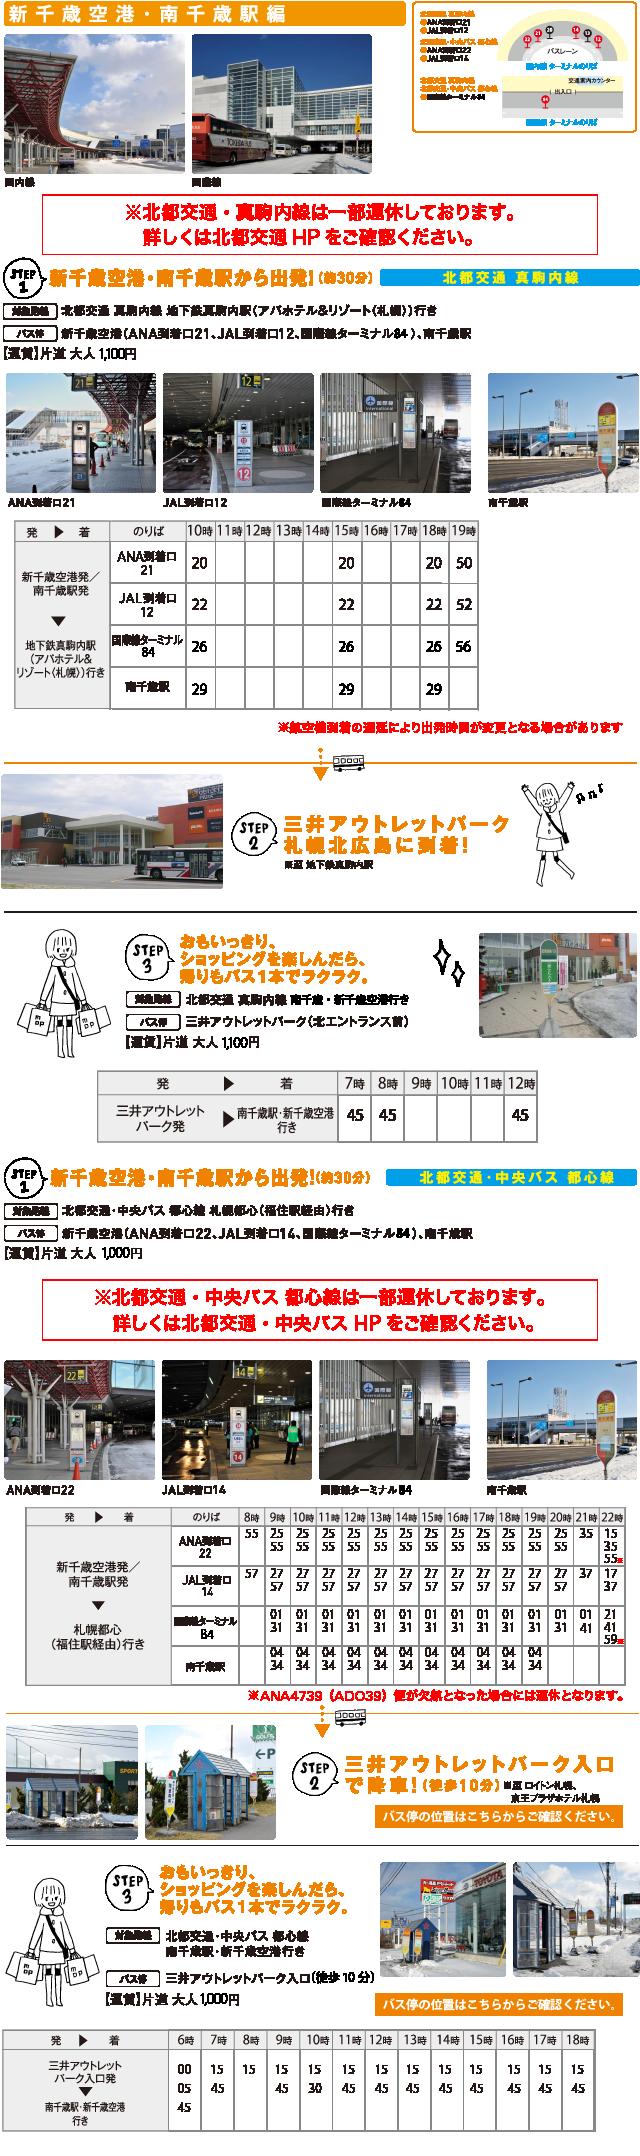 新 千歳 空港 から 札幌 駅 バス